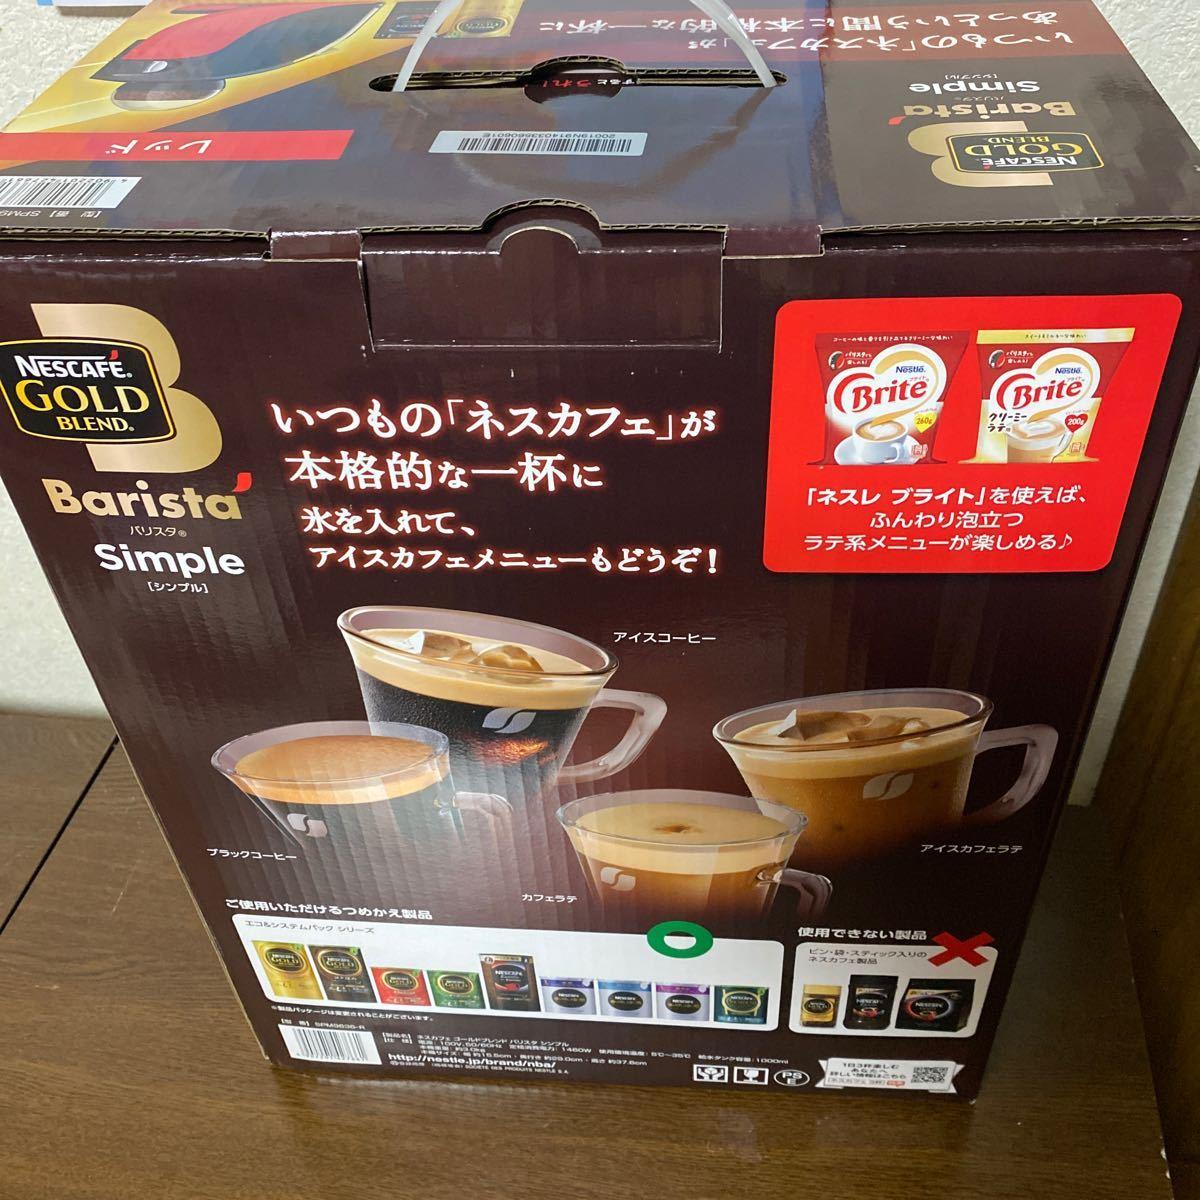 新品未使用 ネスカフェ ゴールドブレンド バリスタ シンプル HPM9636-PR (プレミアムレッド)